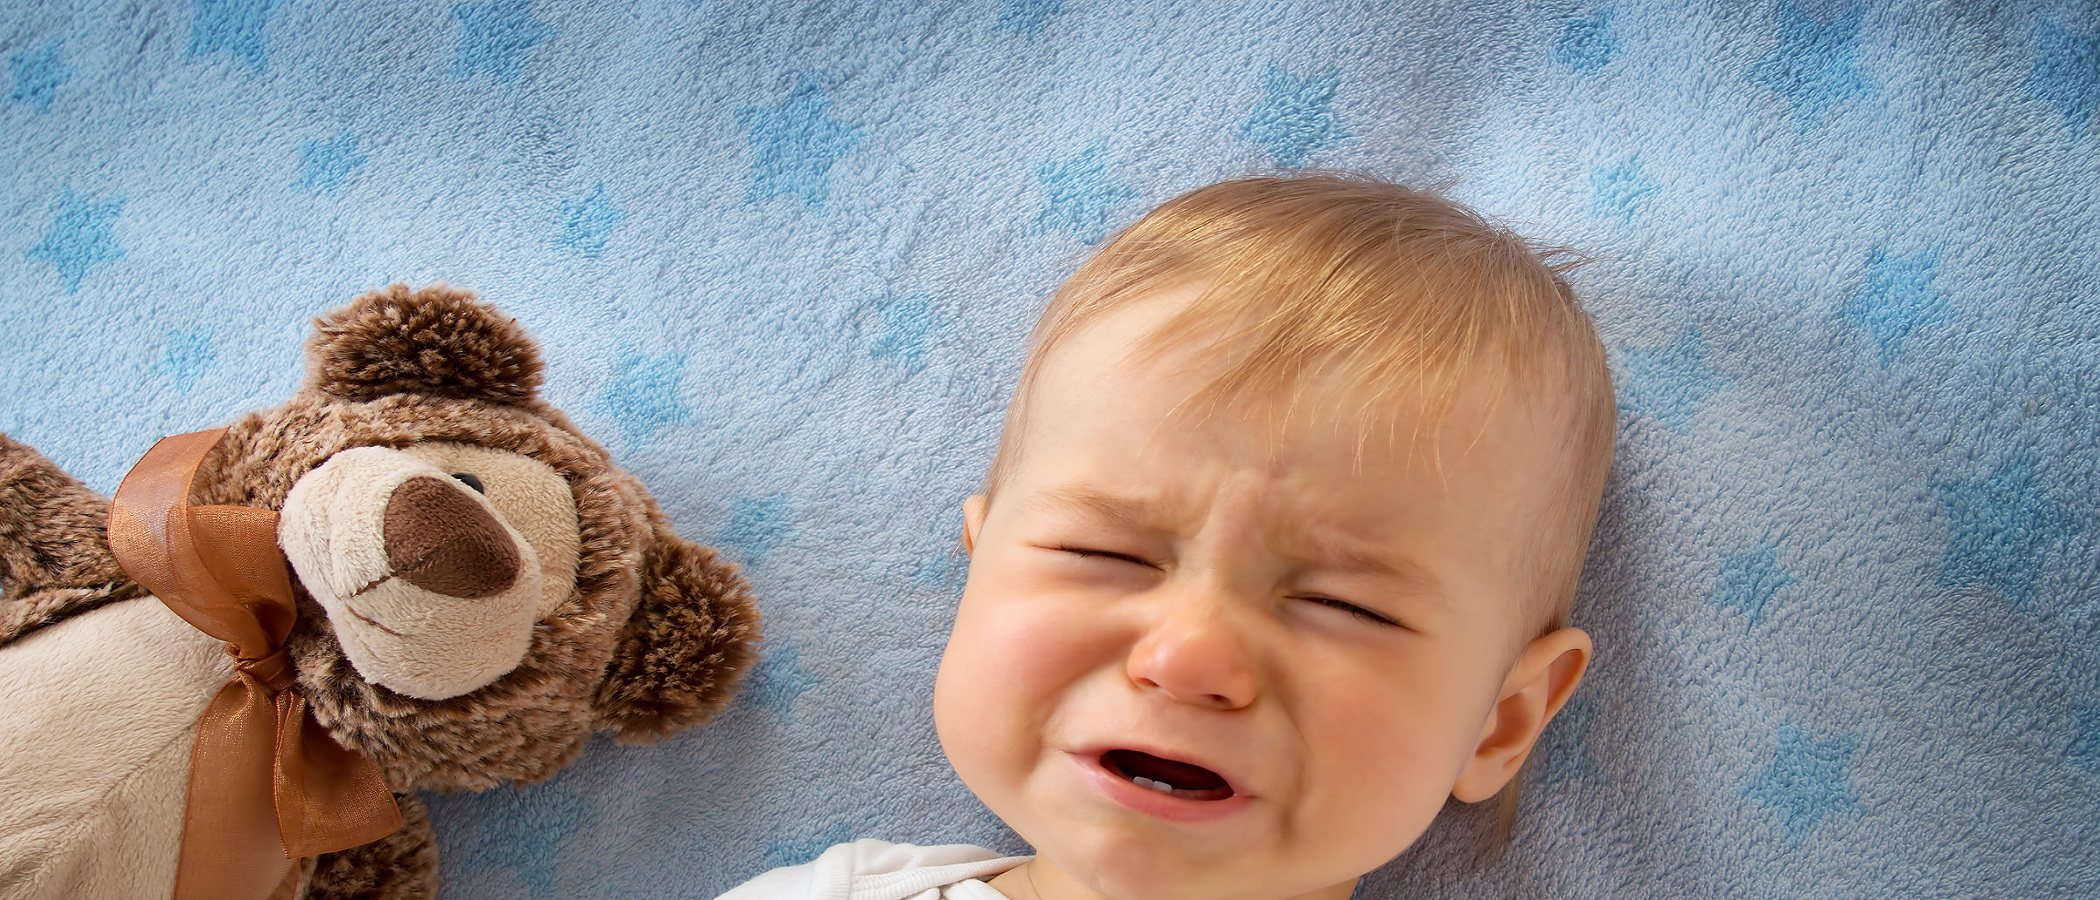 Si tu bebé se irrita con frecuencia, ¿podría ser superdotado?